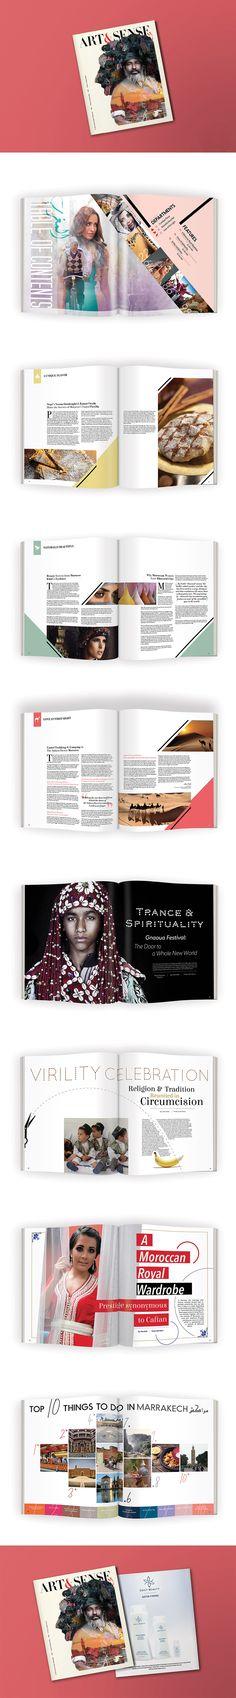 Art & sense Magazine